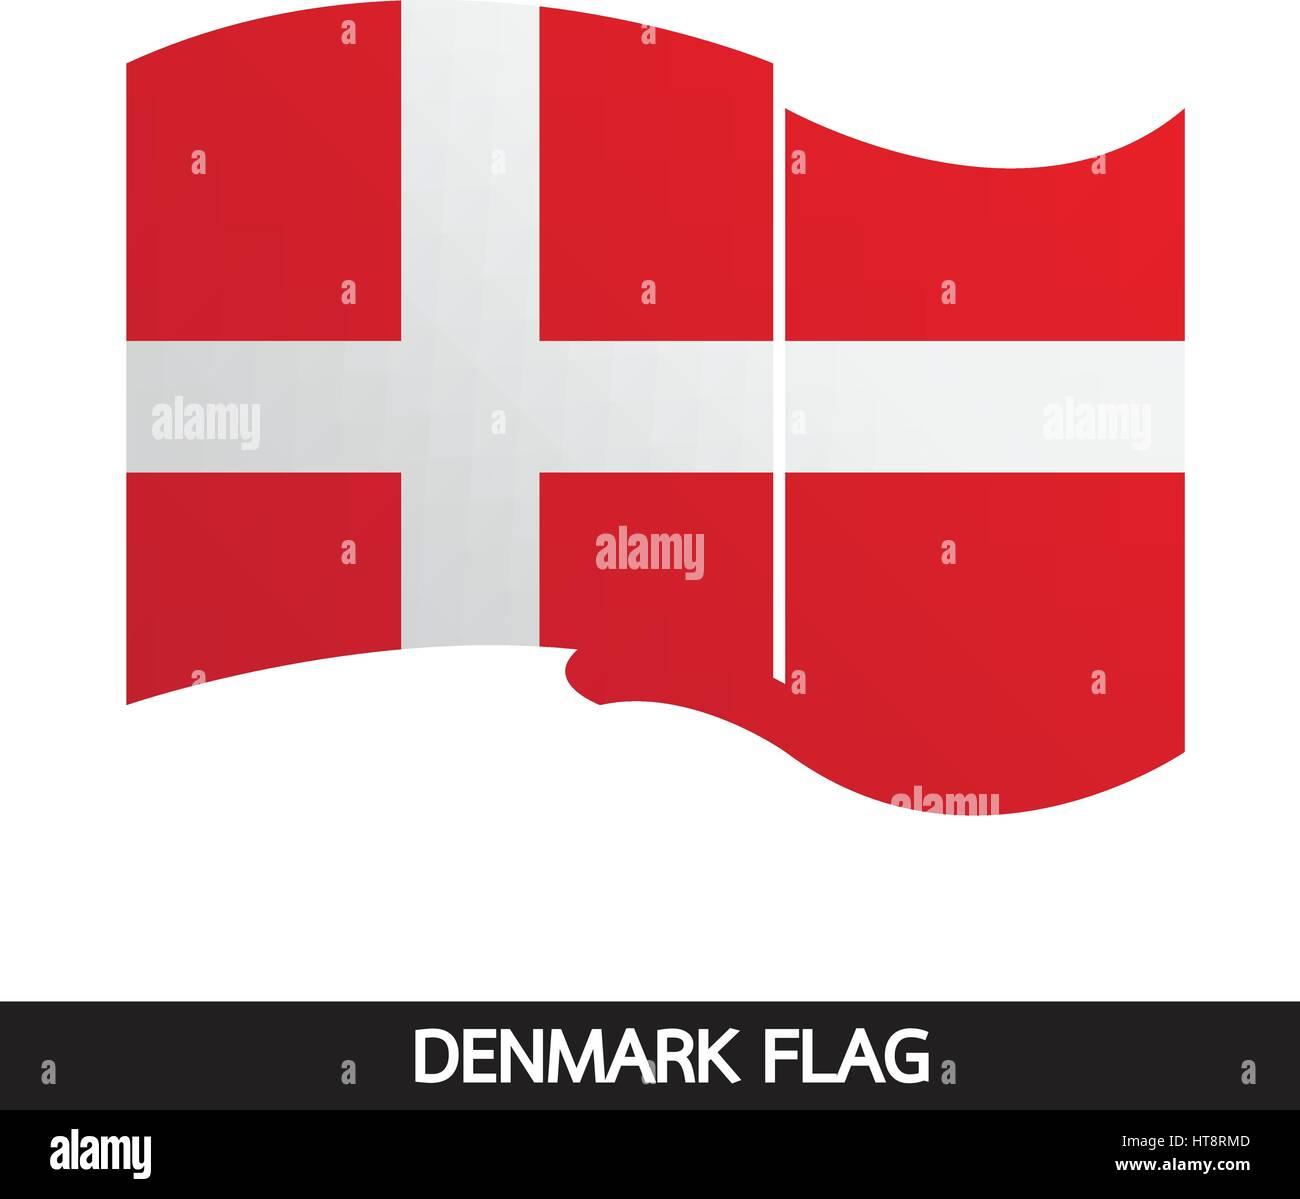 Denmark flag design illustration - Stock Image